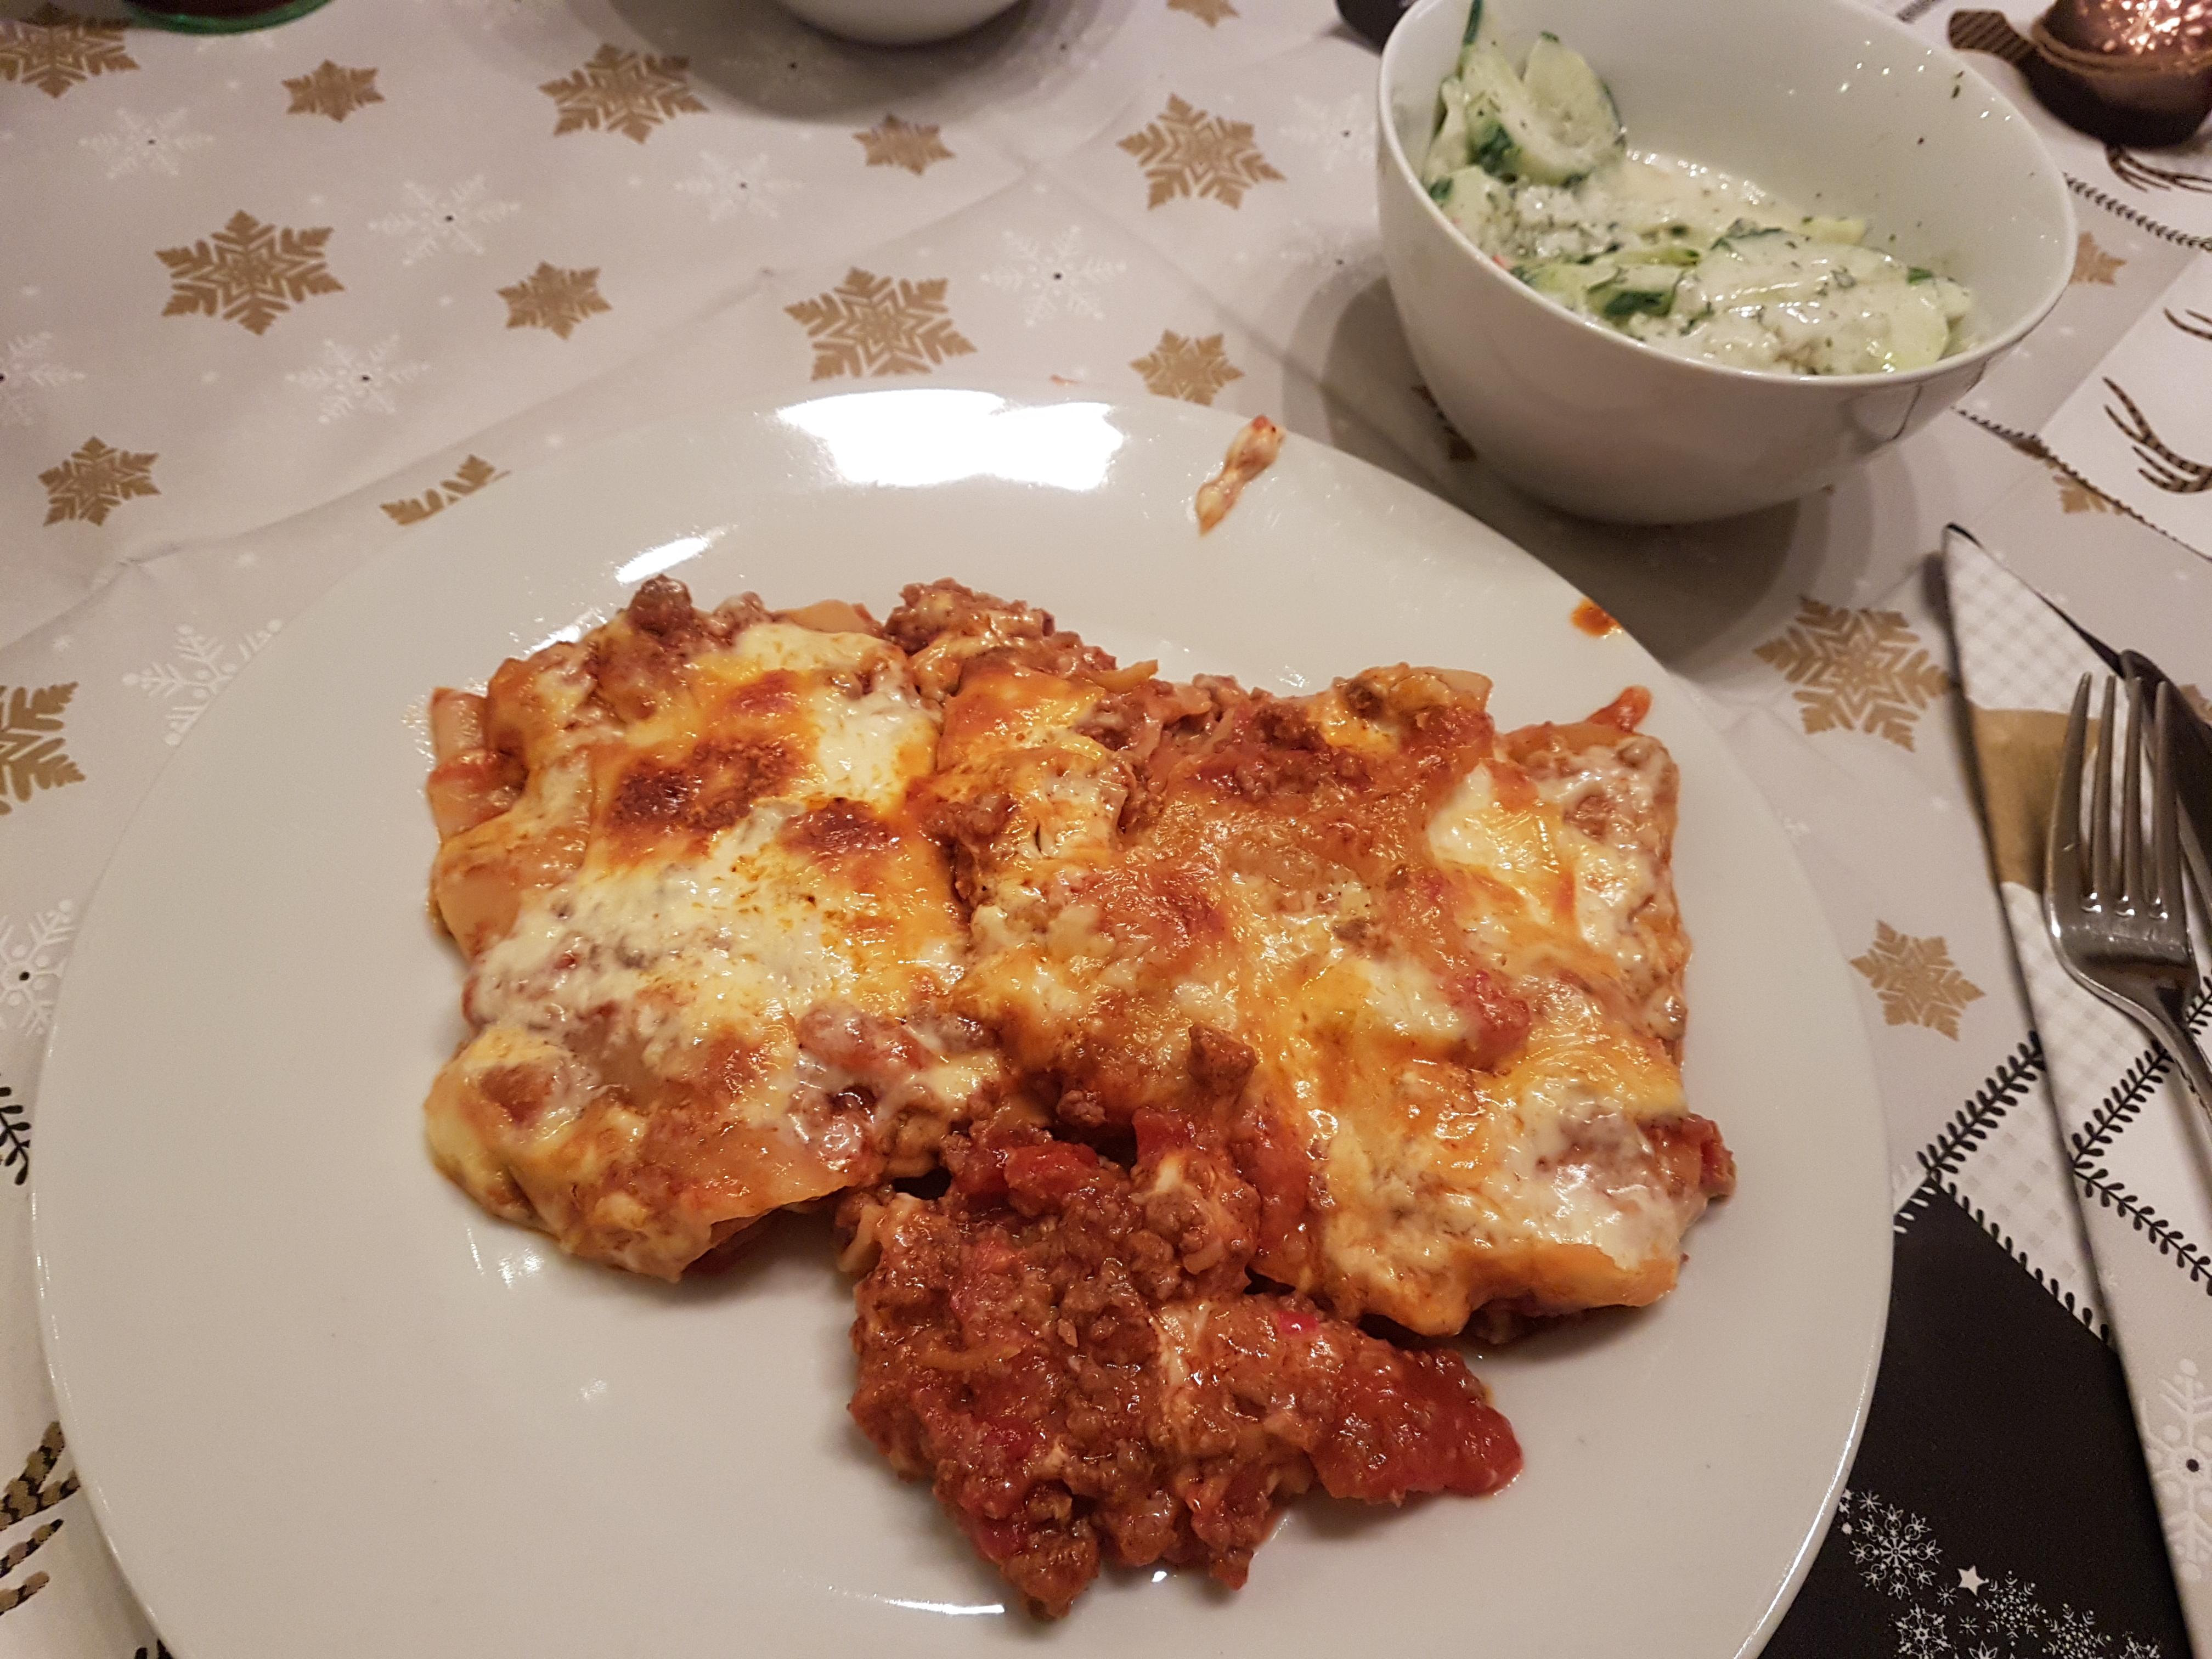 http://foodloader.net/Holz_2017-12-24_Lasagne.jpg